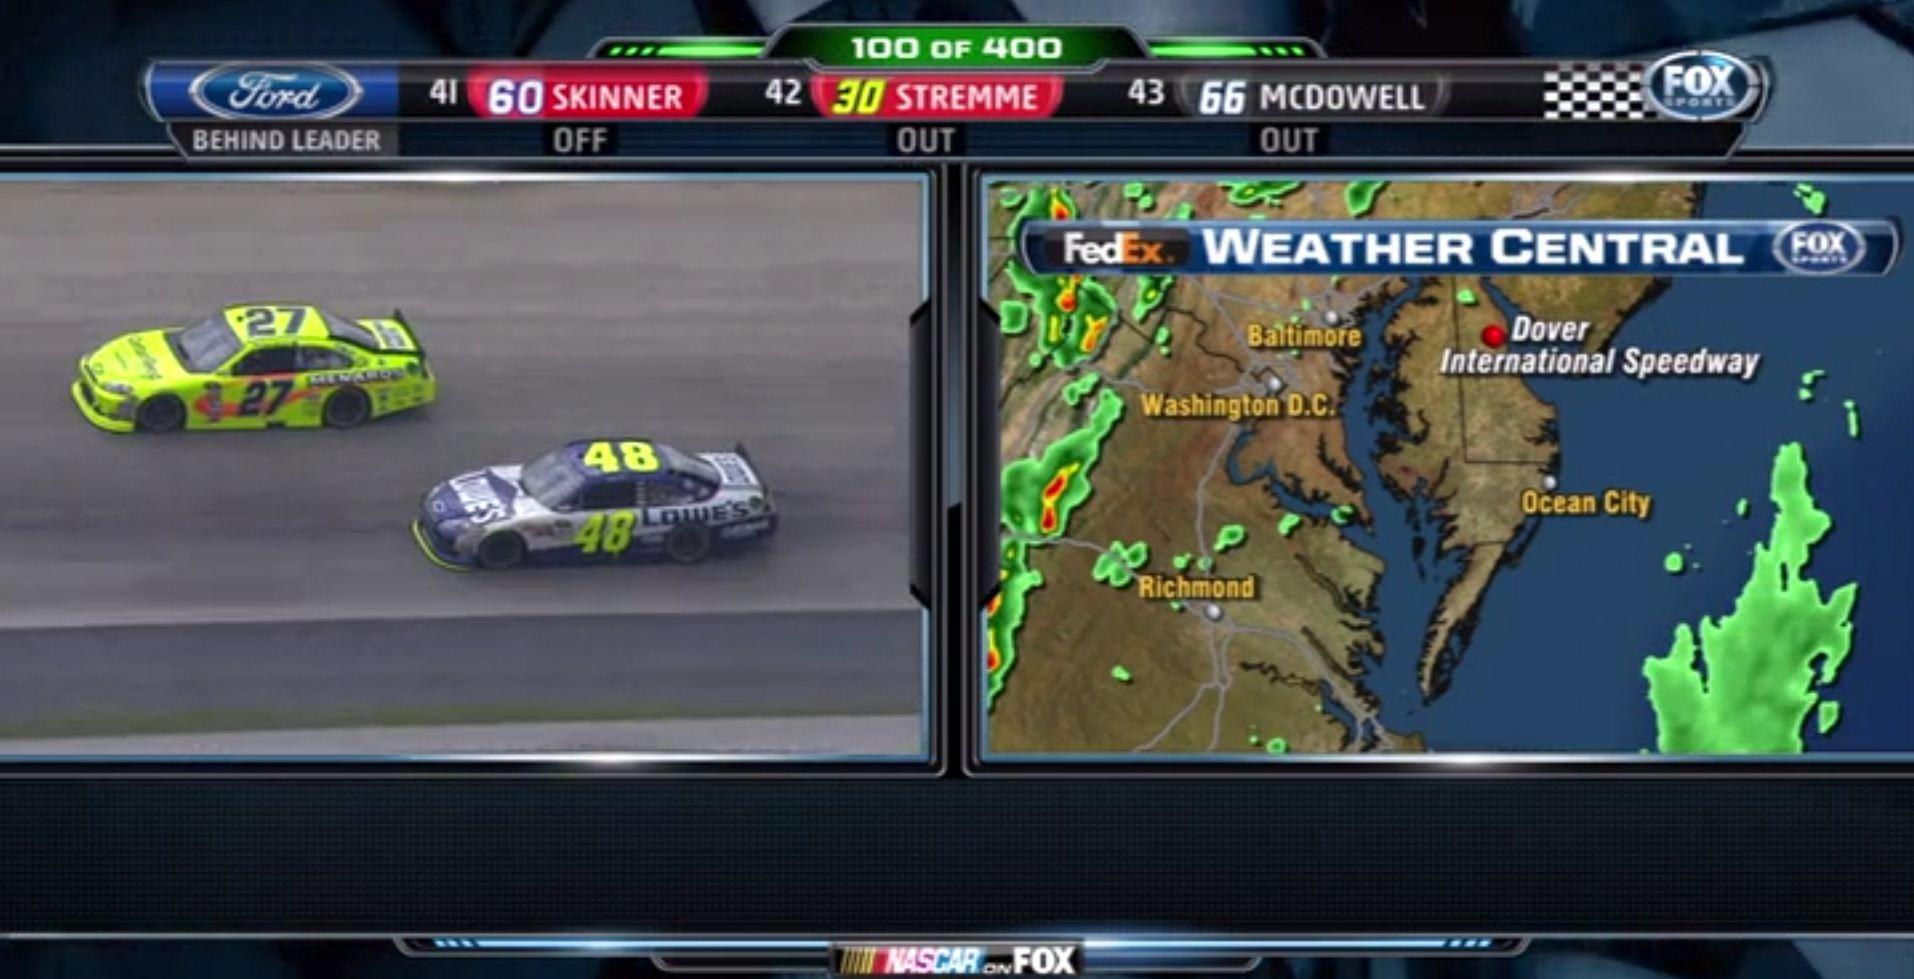 NASCAR transliacijos ištrauka. Greta lenktynių vaizdo (kairėje) kartais rodoma papildoma informacija. Šiuo metu dešinėje rodomas lietaus debesų išsidėstymas regione aplink trasą. Viršuje - nuvažiuoti ratai bei vairuotojų pozicijos.